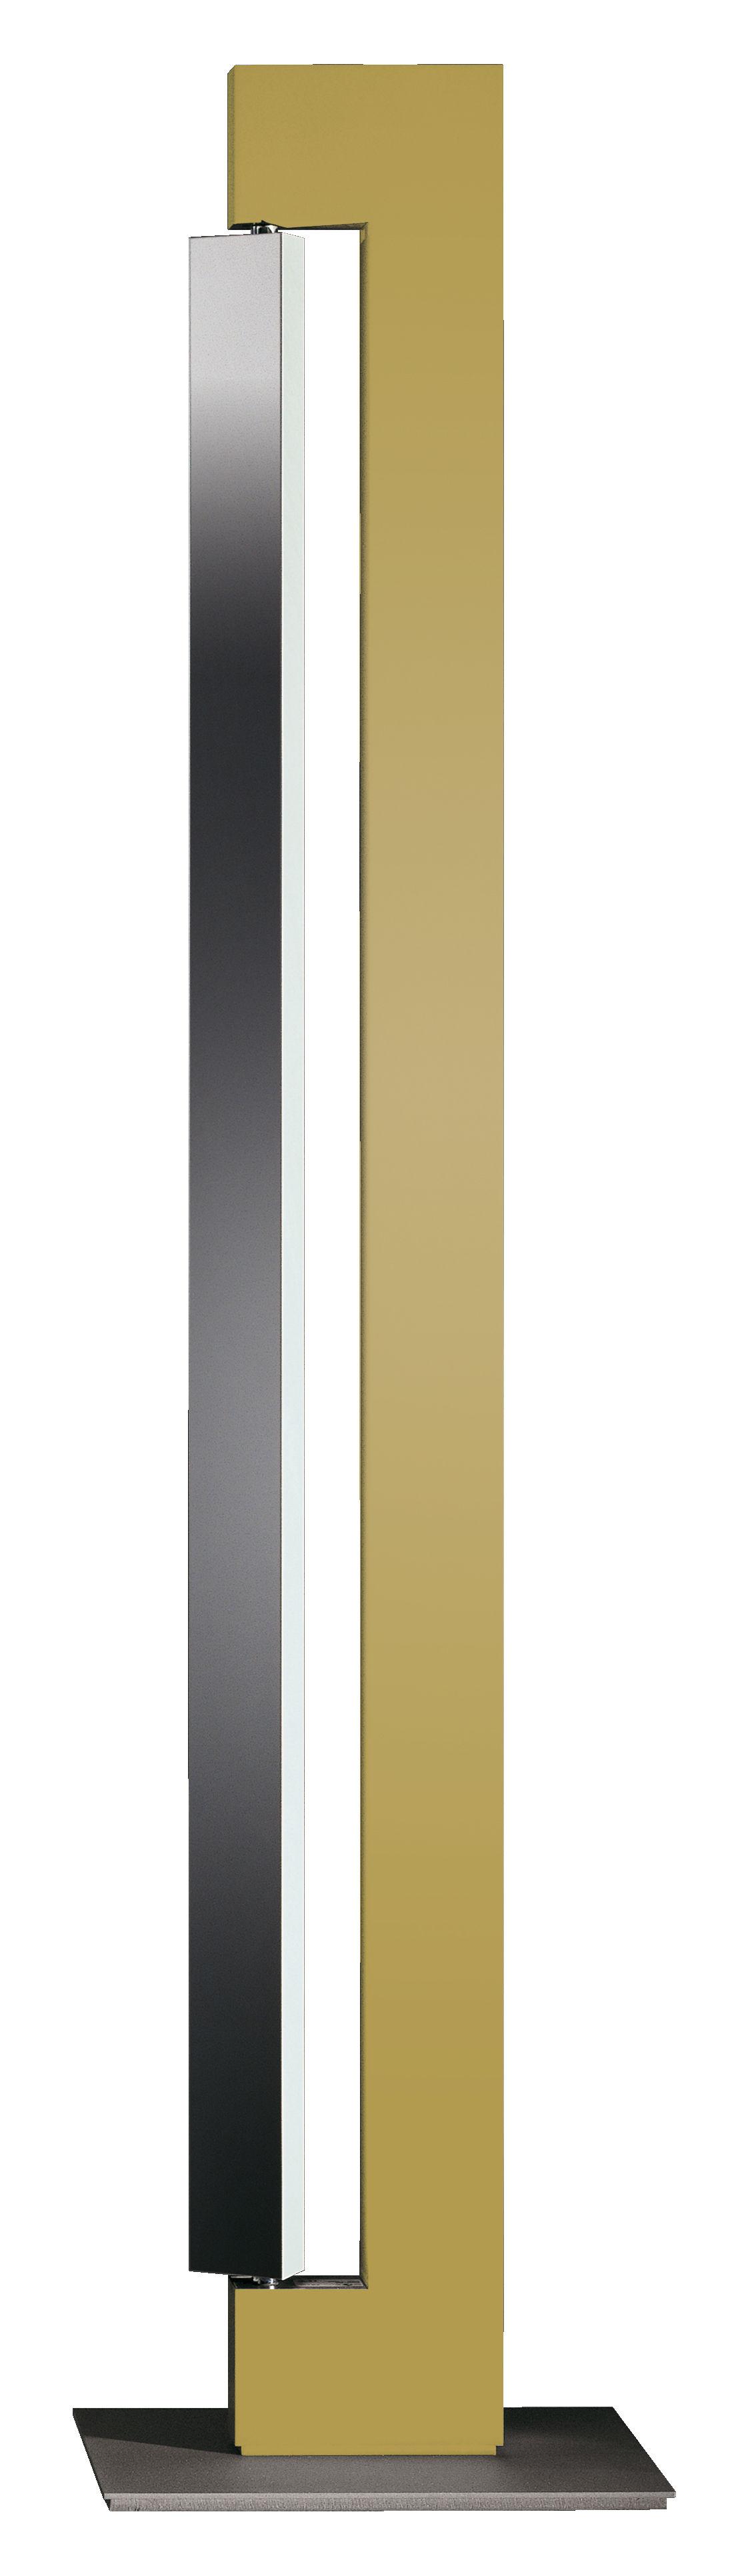 Illuminazione - Lampade da terra - Lampada a stelo Ara di Nemo - Champagne - Diffusore alluminio - Alluminio